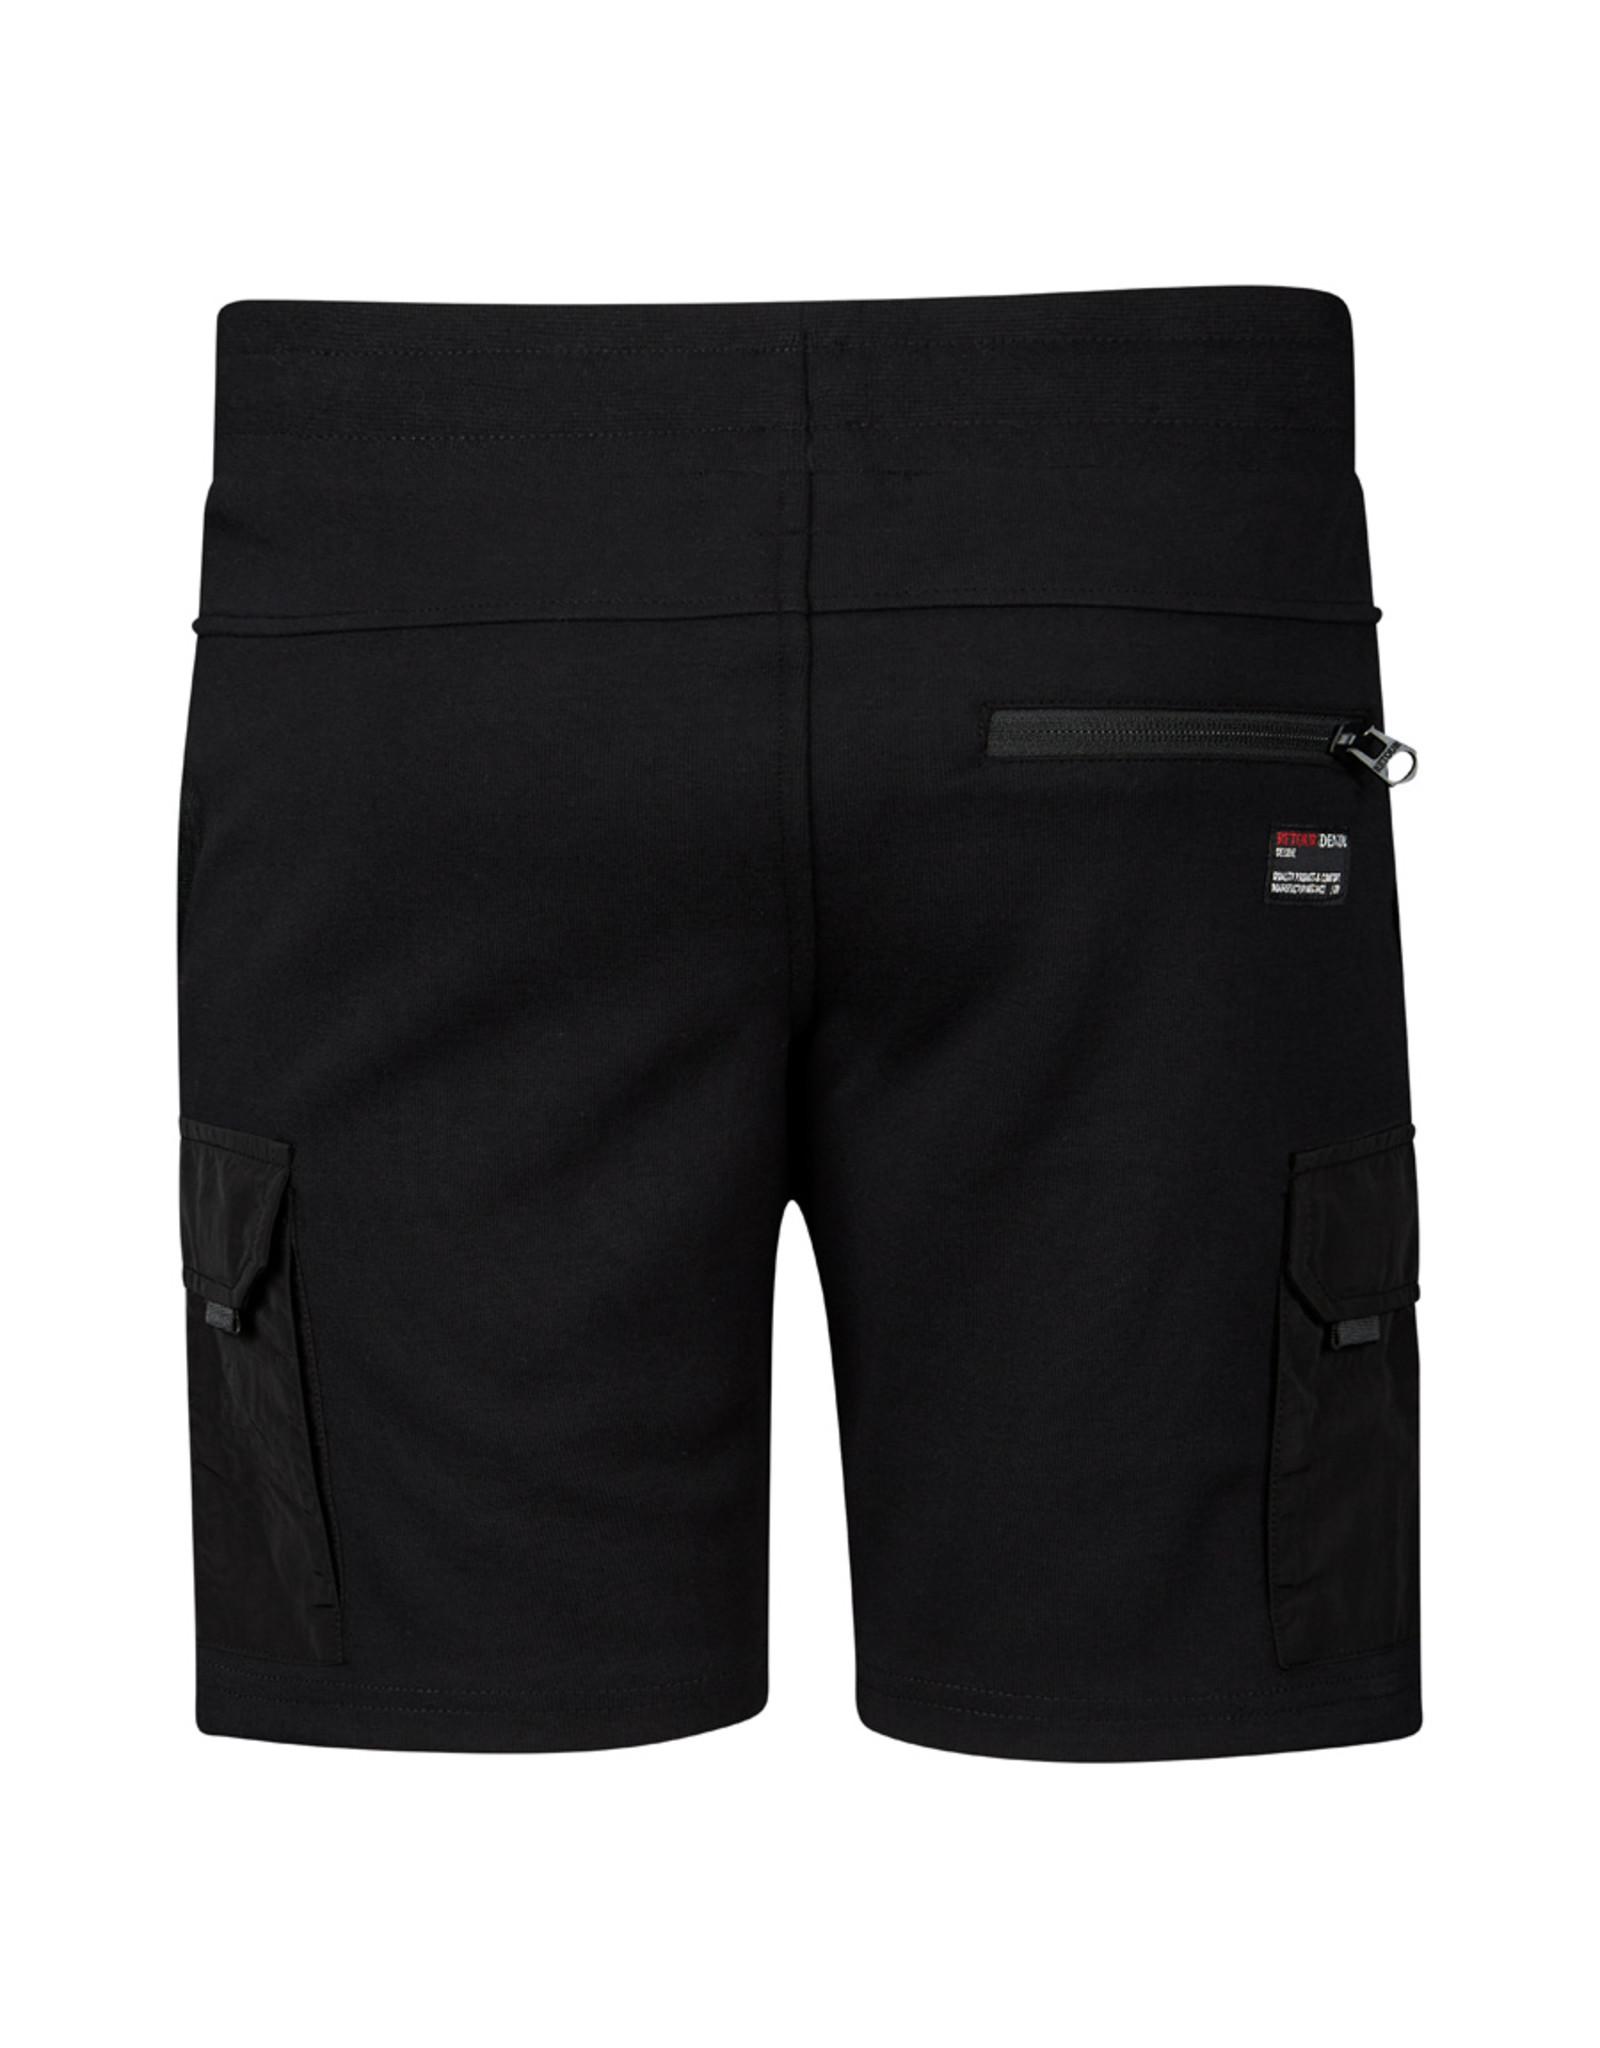 Retour Jeans Short Evan Black